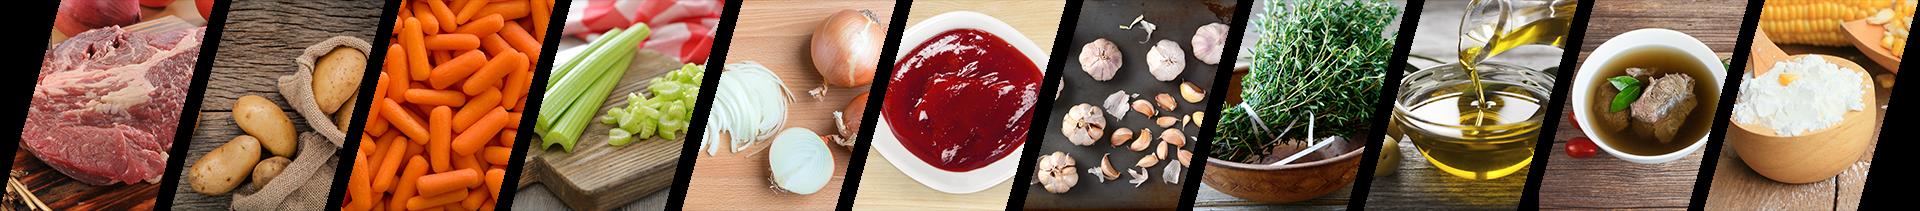 roast ingredients